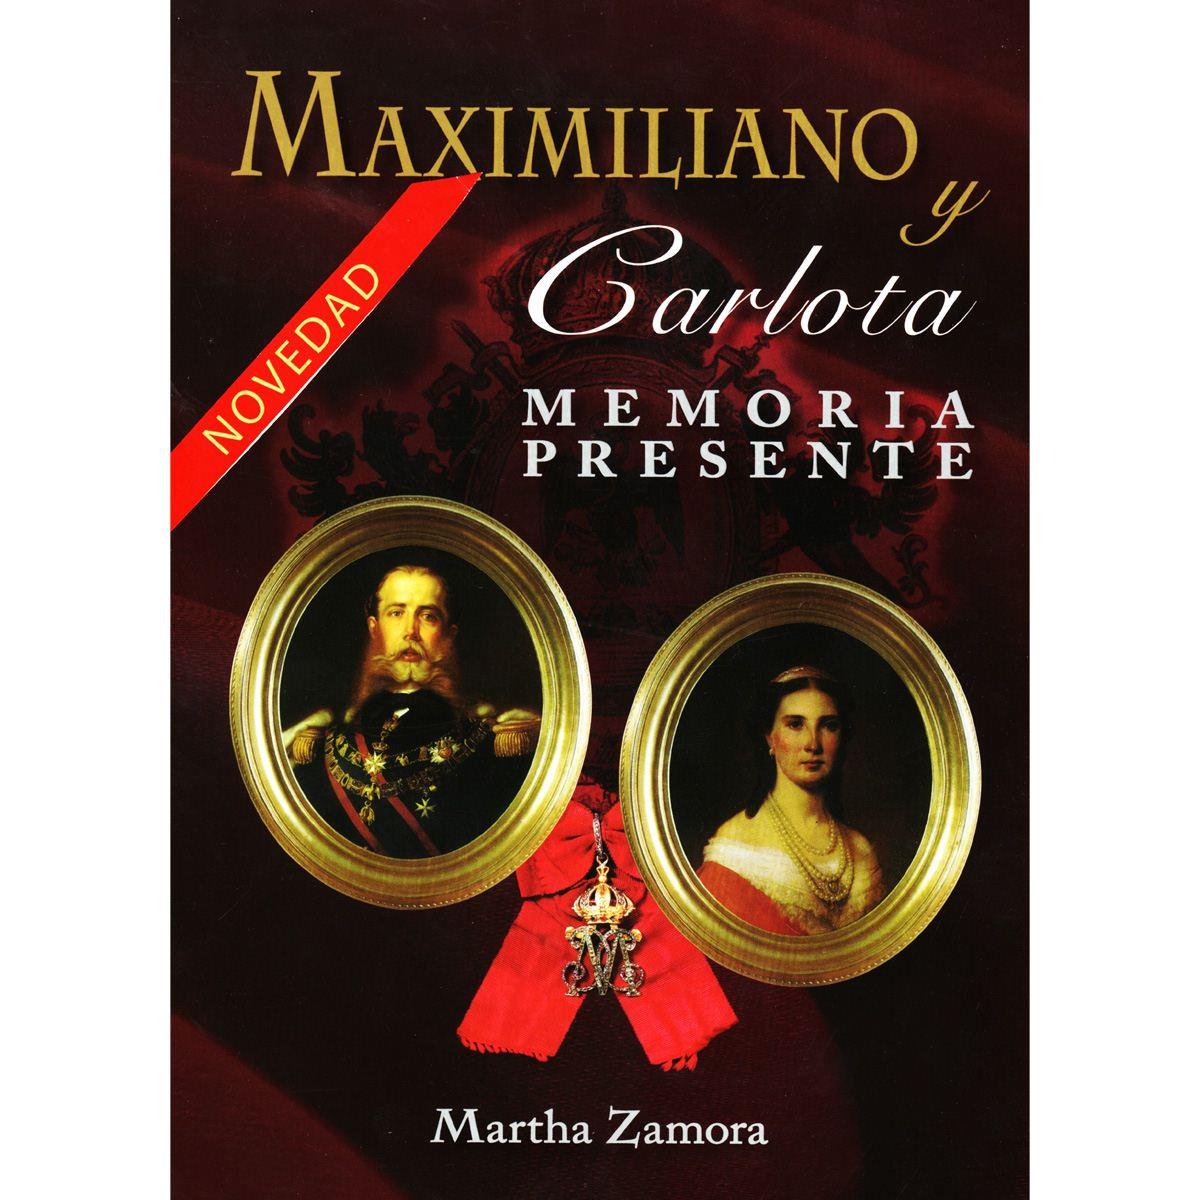 Maximiliano y carlota - memoria presente Libro - Sanborns